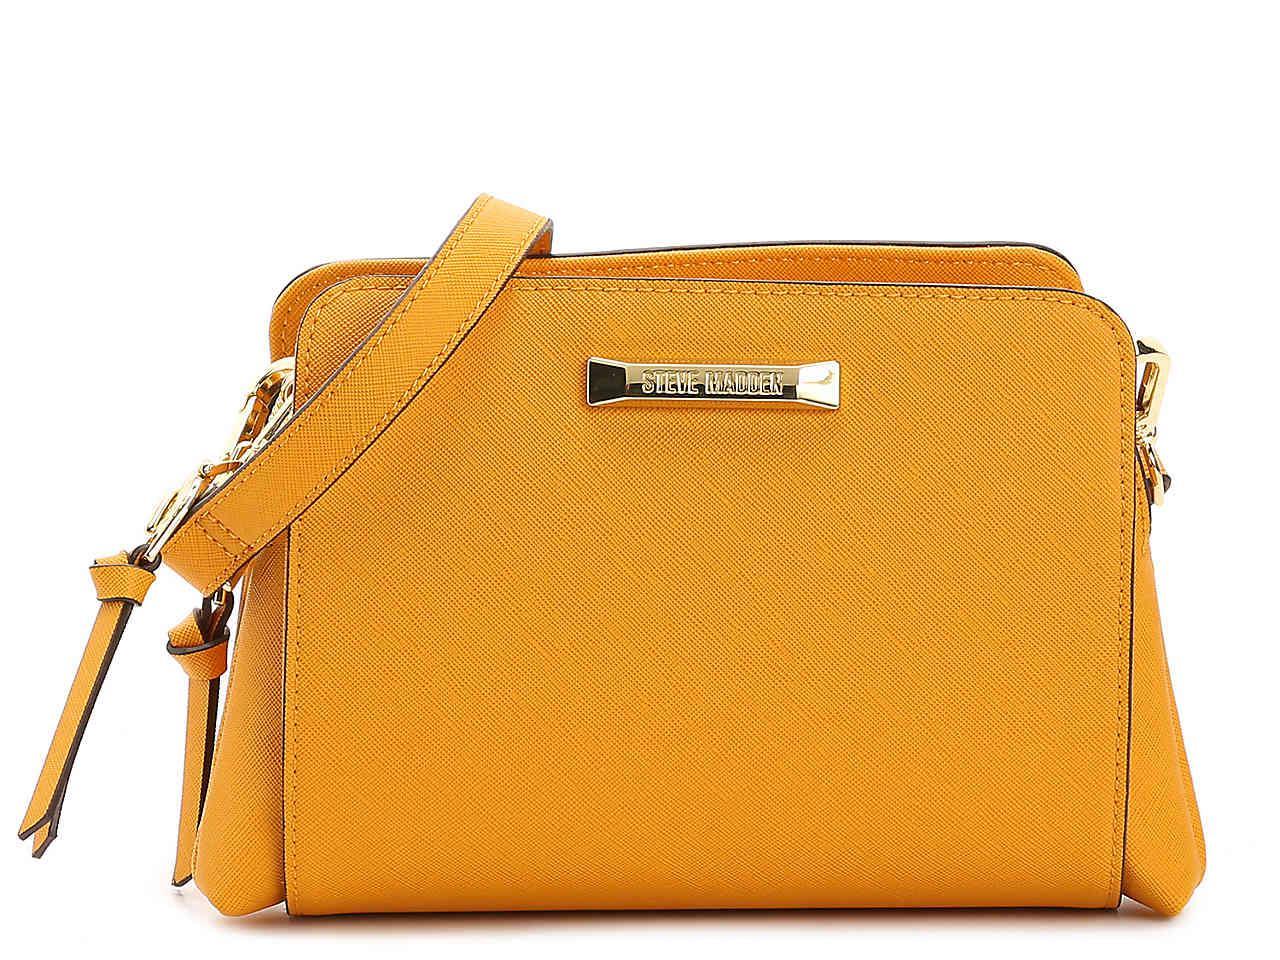 c2af9f416 Steve Madden Blannis Crossbody Bag in Yellow - Lyst